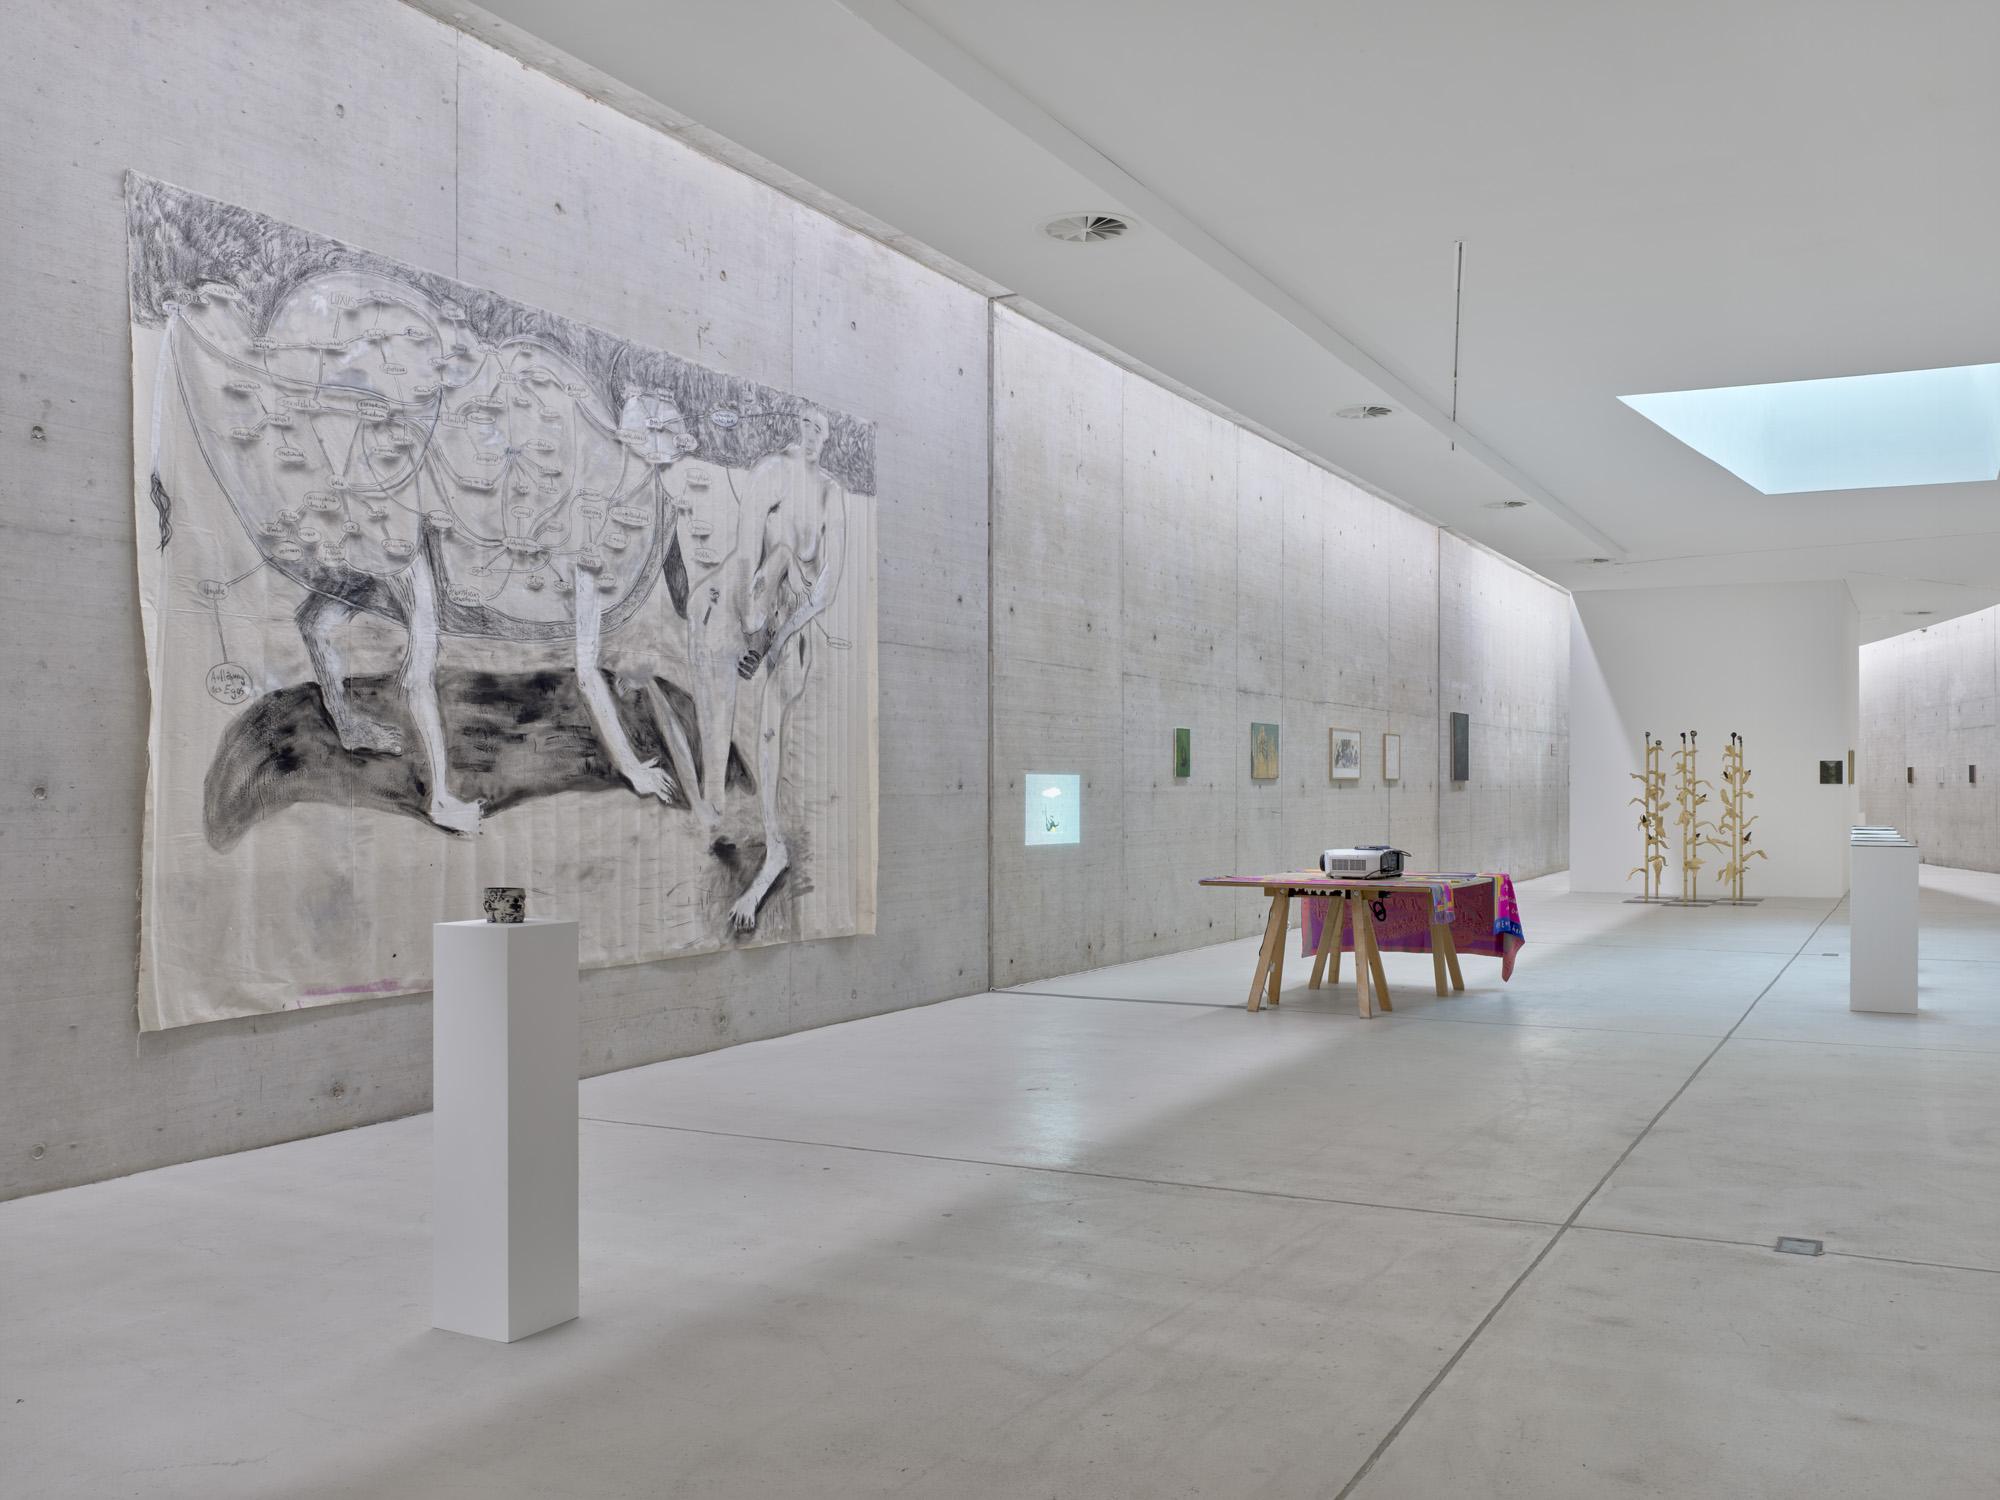 An der Wand hängt ein Gemälde aus Kohle und Acryl auf Leinwand. Verschiedene Sockel und ein Tisch stehen im Raum, im Hintergrund sind weitere Gemälde und Skulpturen zu erkennen.